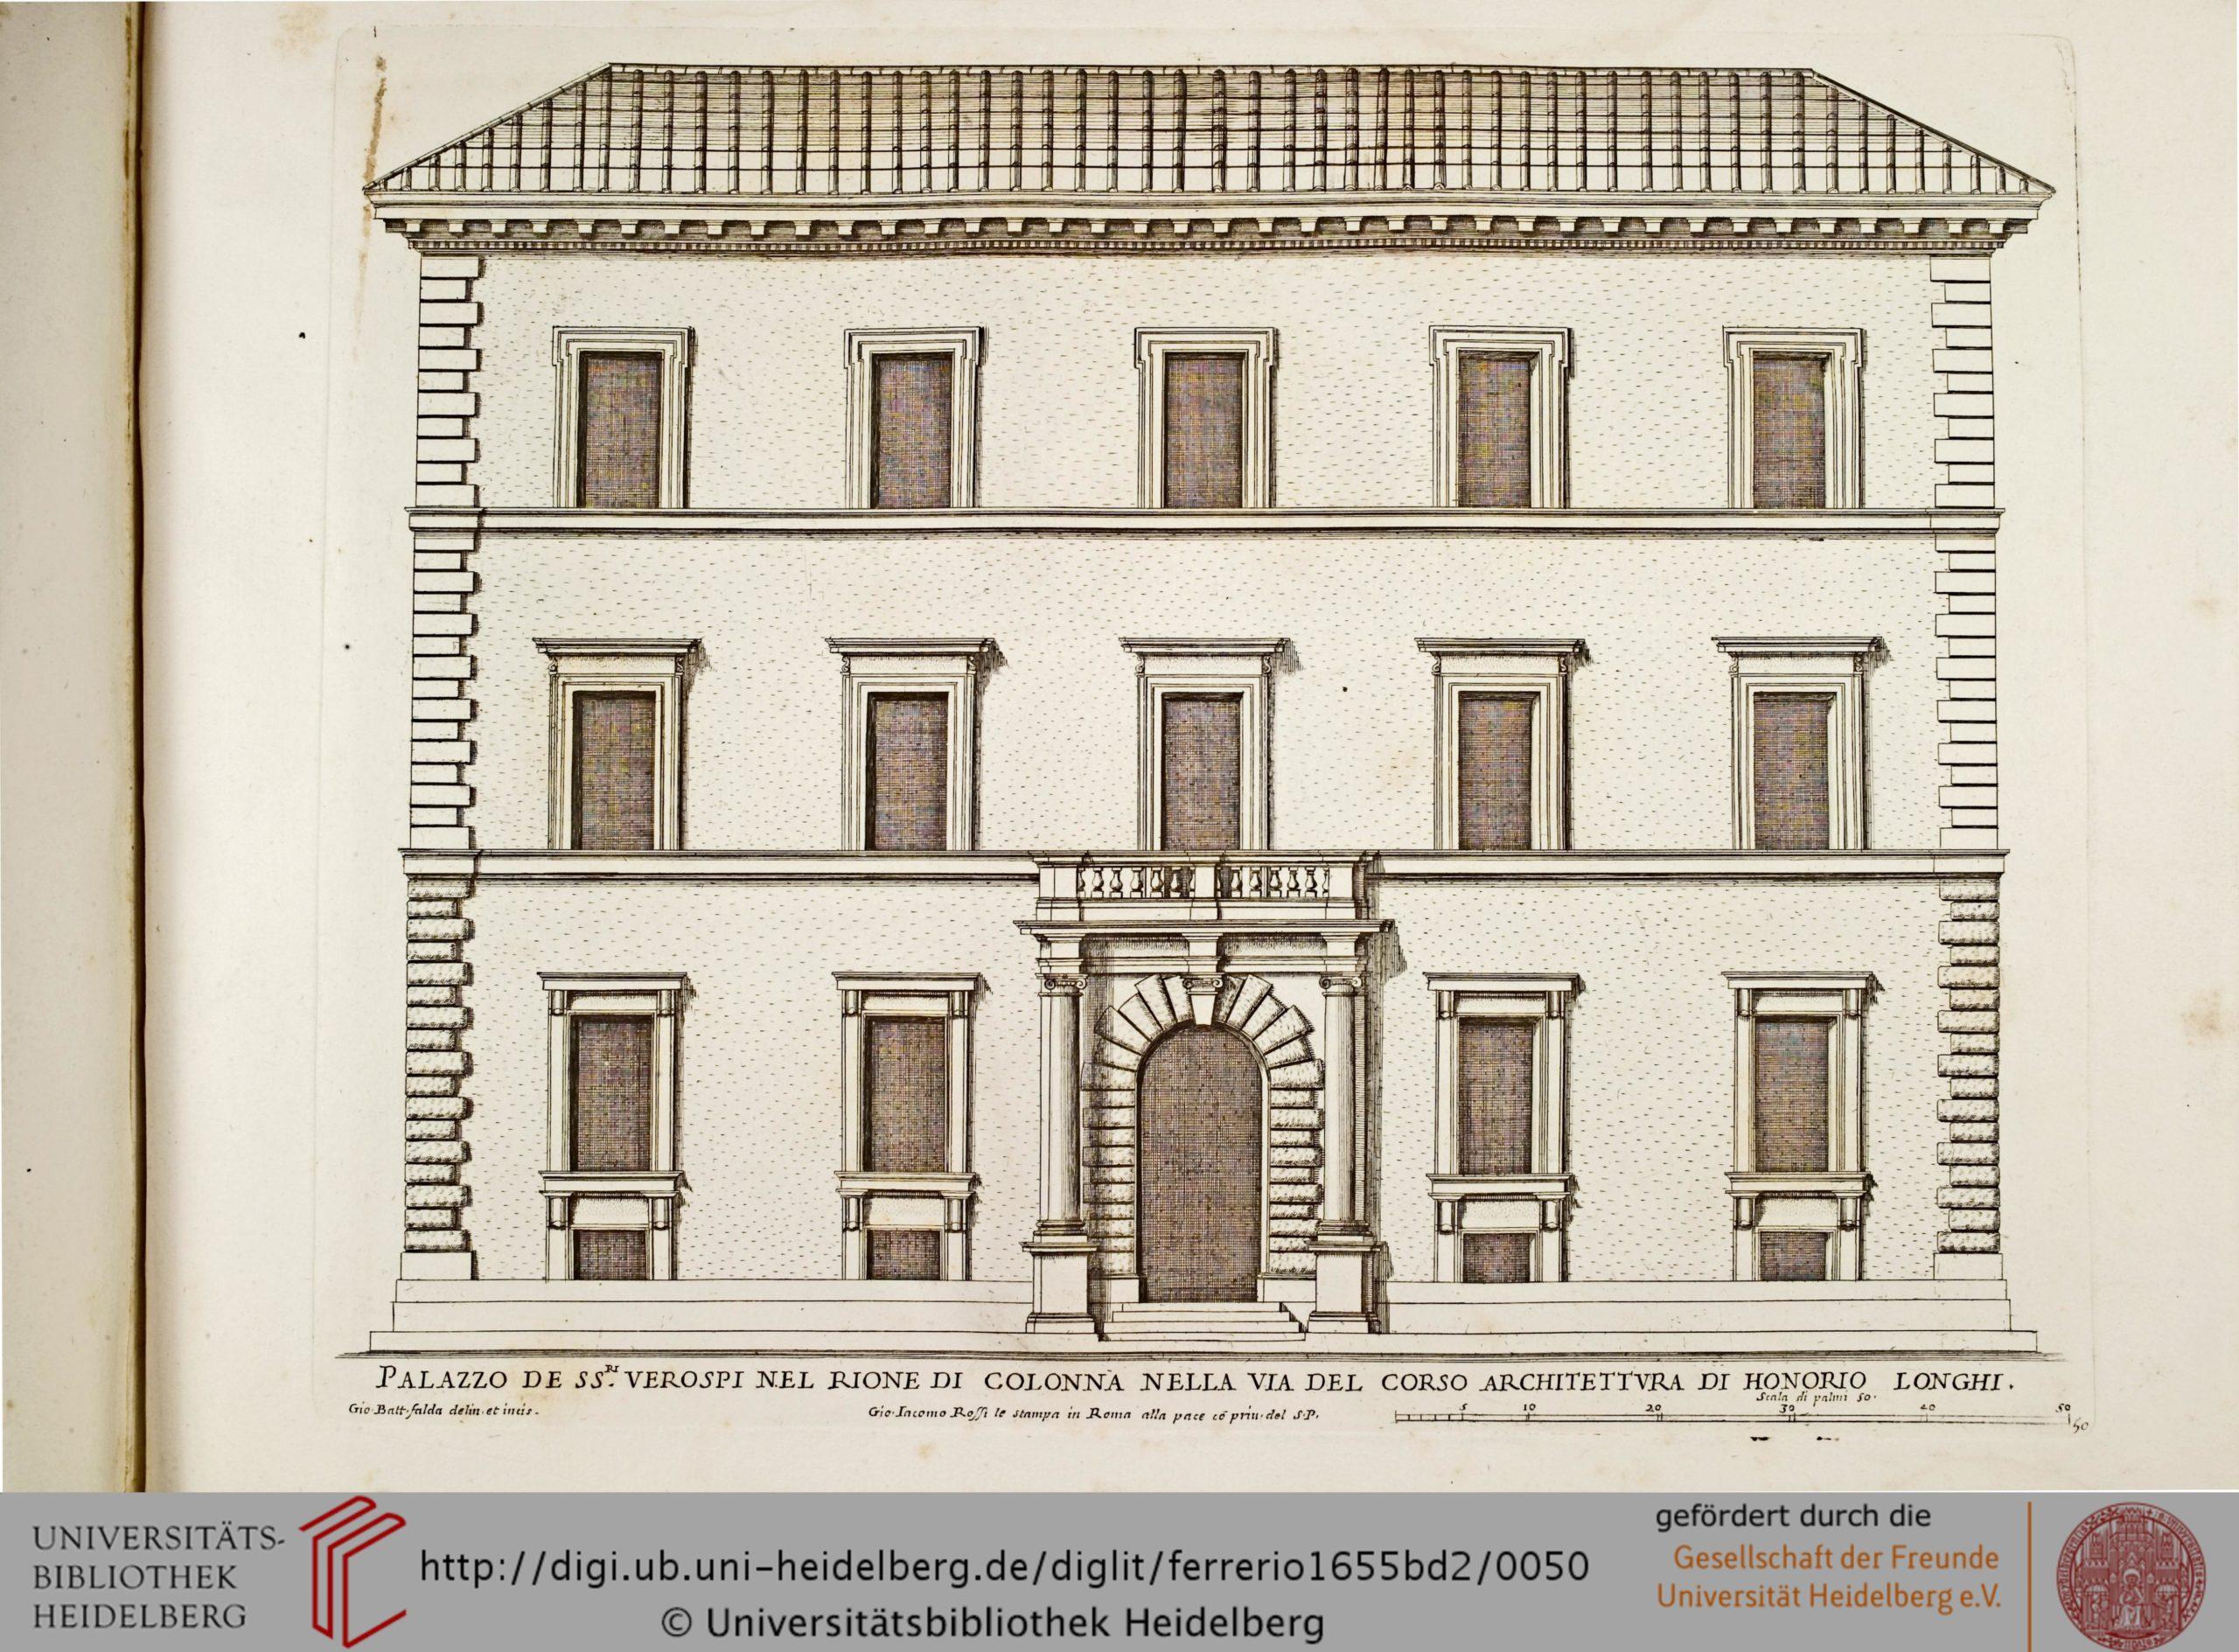 Falda, Giovanni Battista. Palazzo de Ssre. Verospi nel Rione di Colonna nella via del Corso Architettura di Honorio Longhi, 1655.